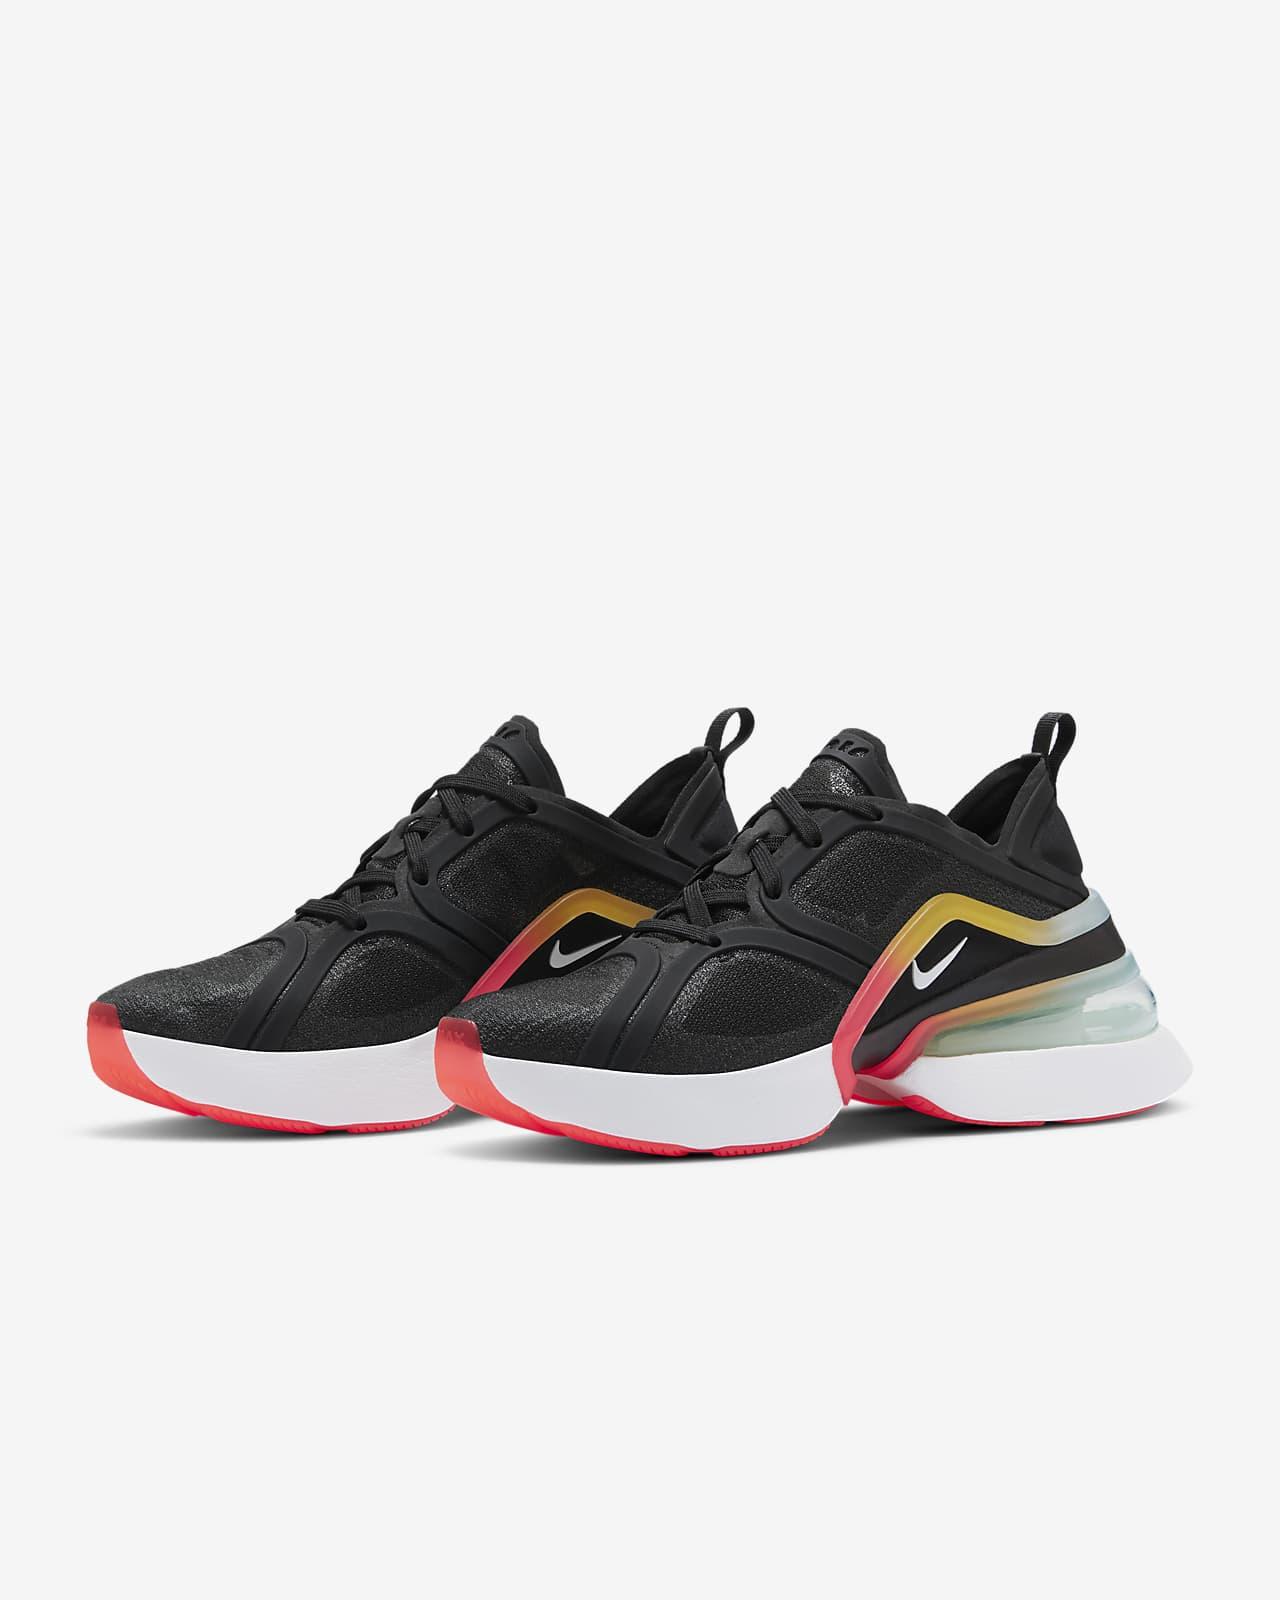 chaussures nike femmes air max 270